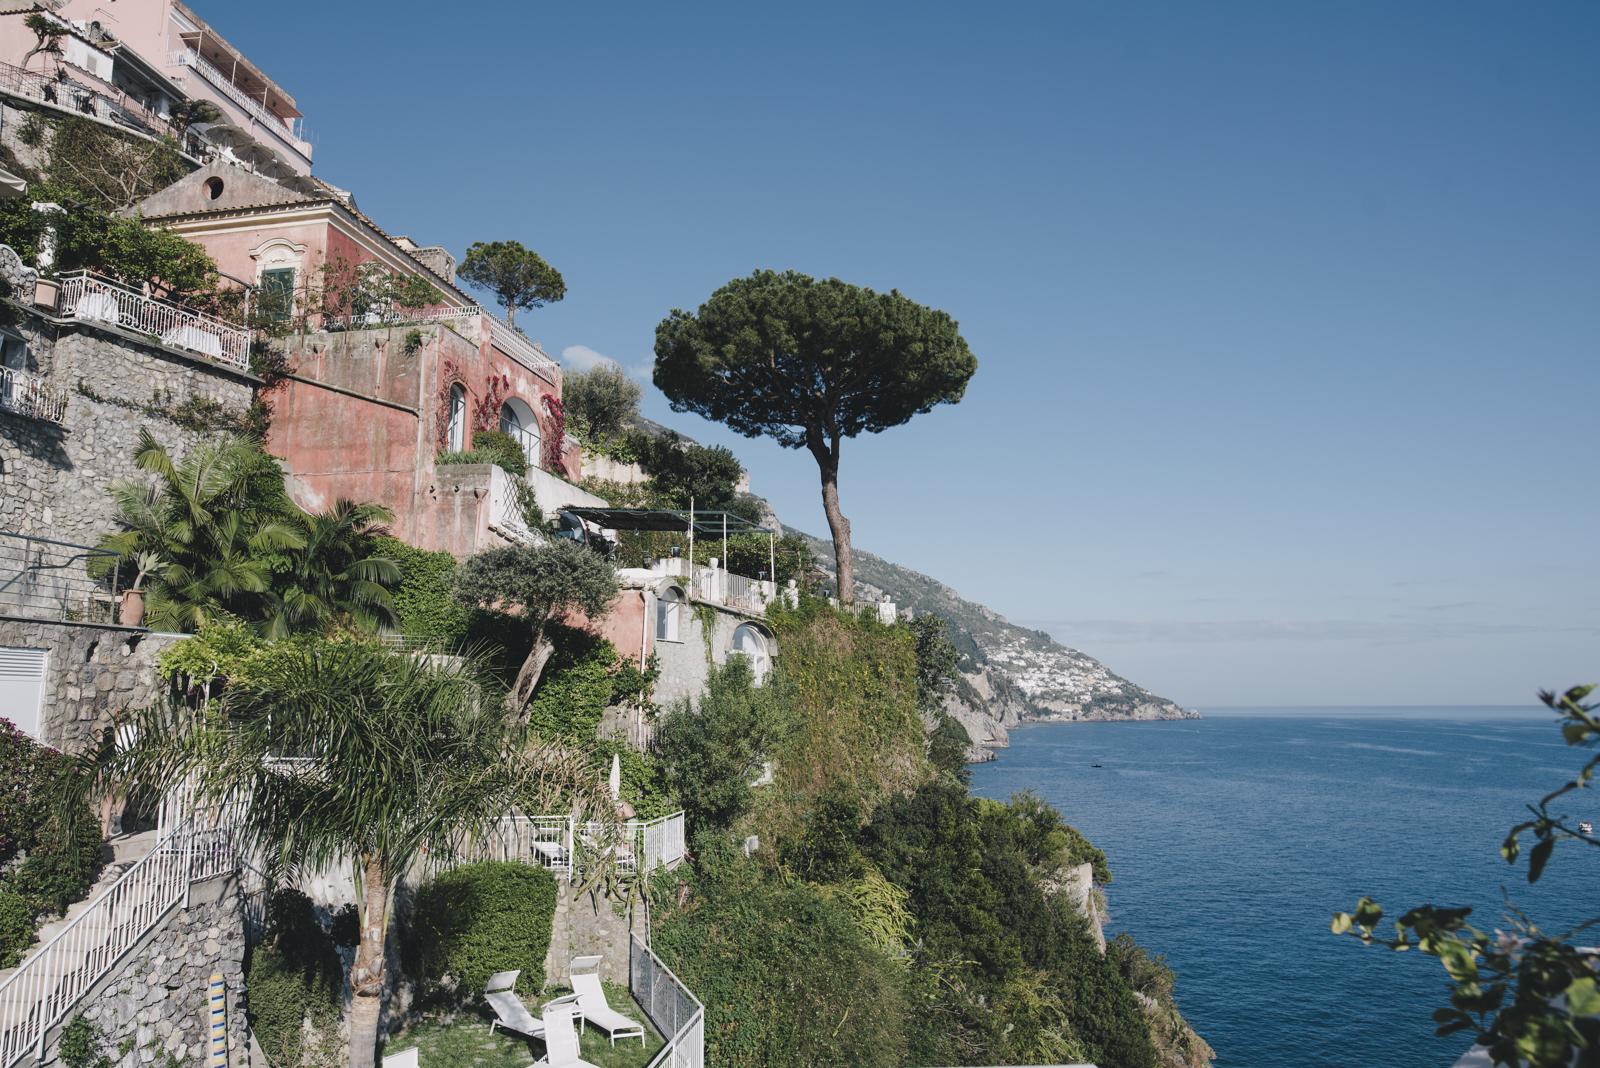 Villa Incanto Positano wedding